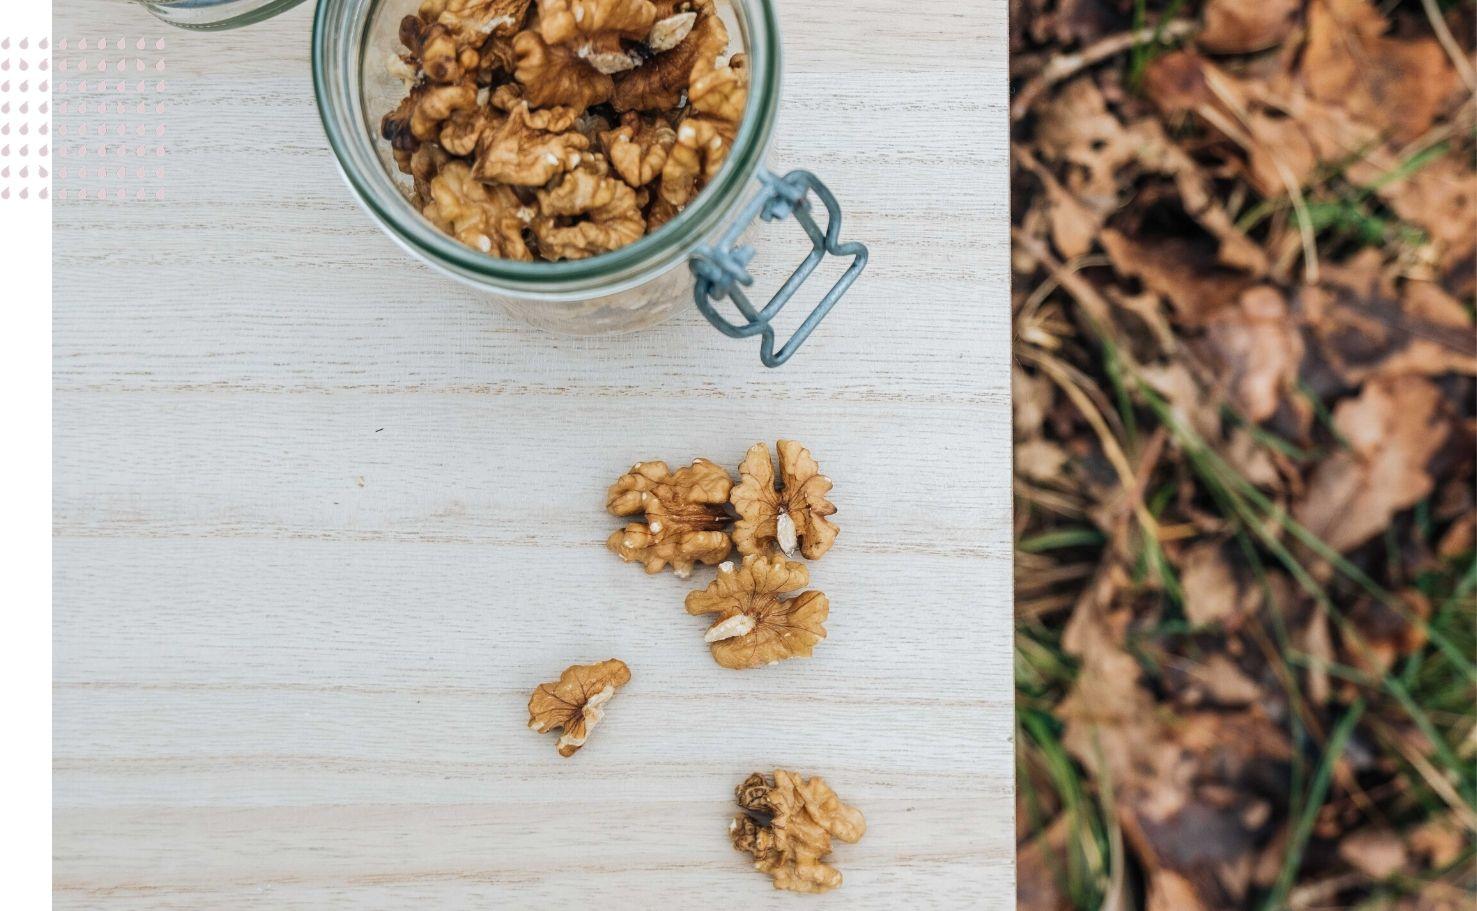 Vanuit de stilte - Ontdek onthaast en herstel - Voedingscoaching natuurlijke voeding en advies